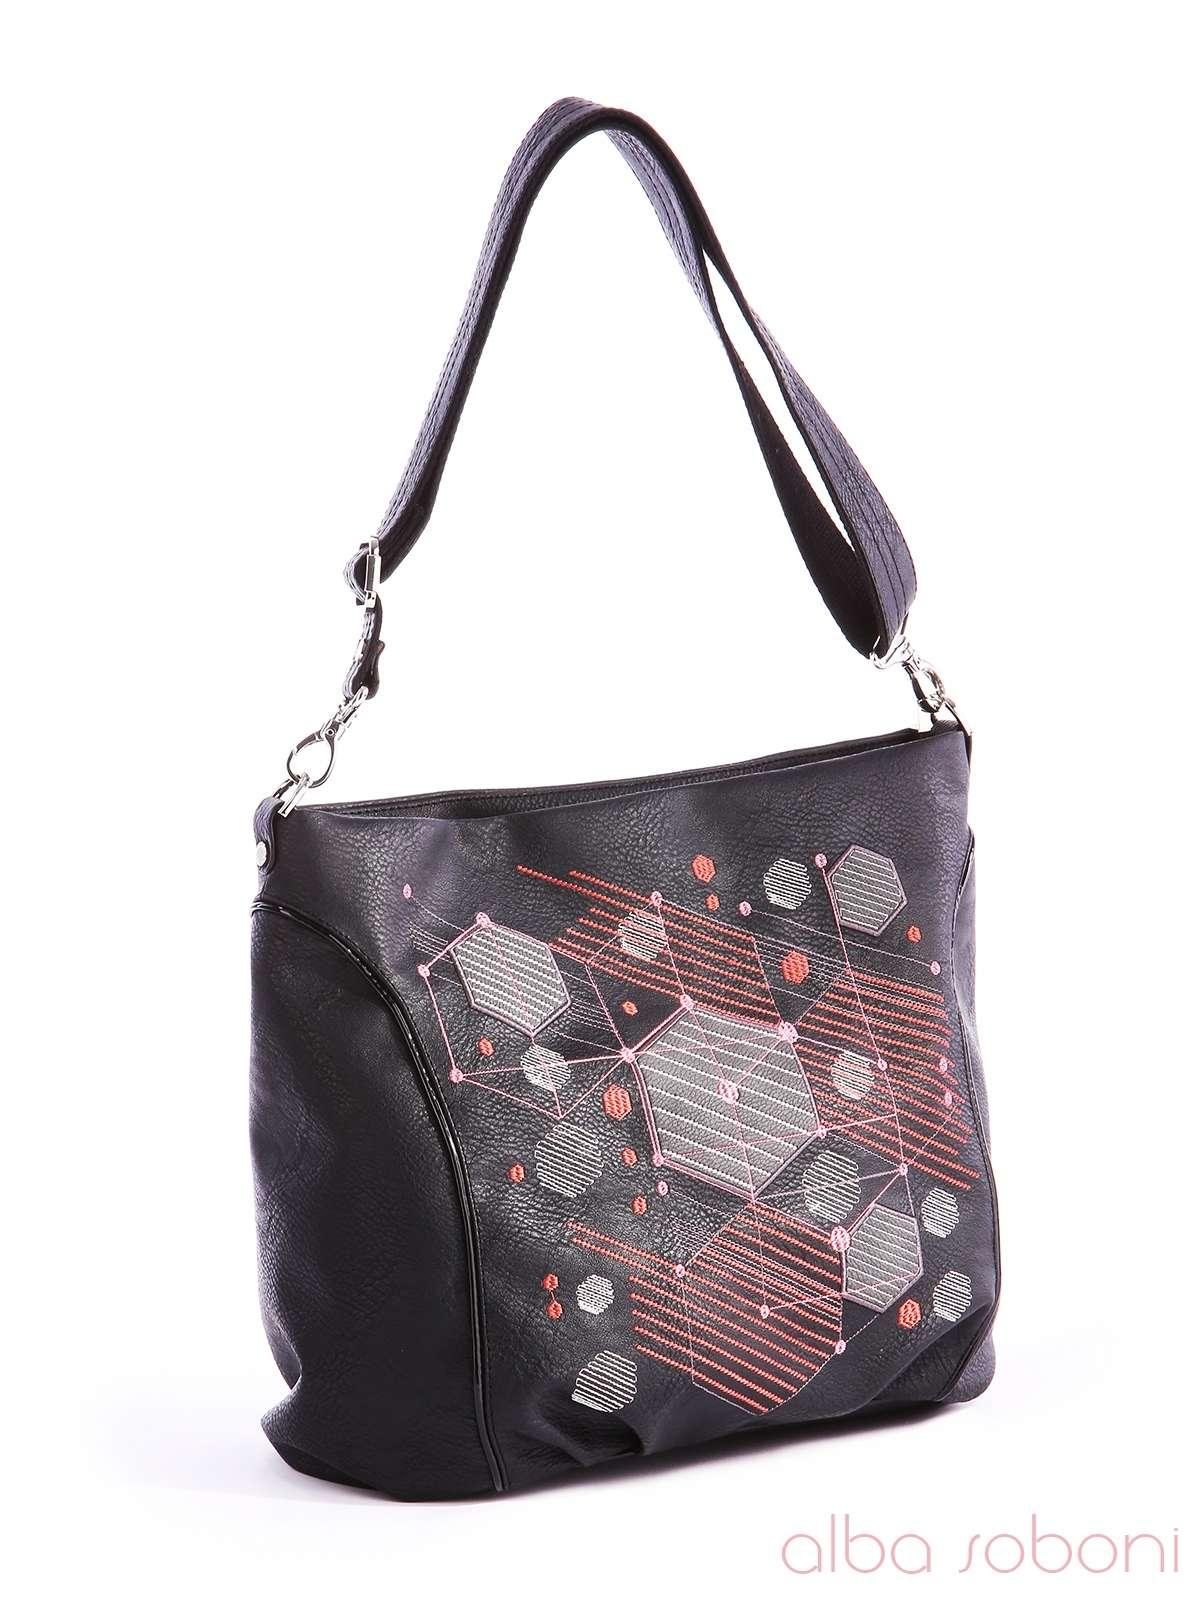 3f0029963490 Женская сумка, модель 162422 черный, купить в интернет-магазине alba soboni.